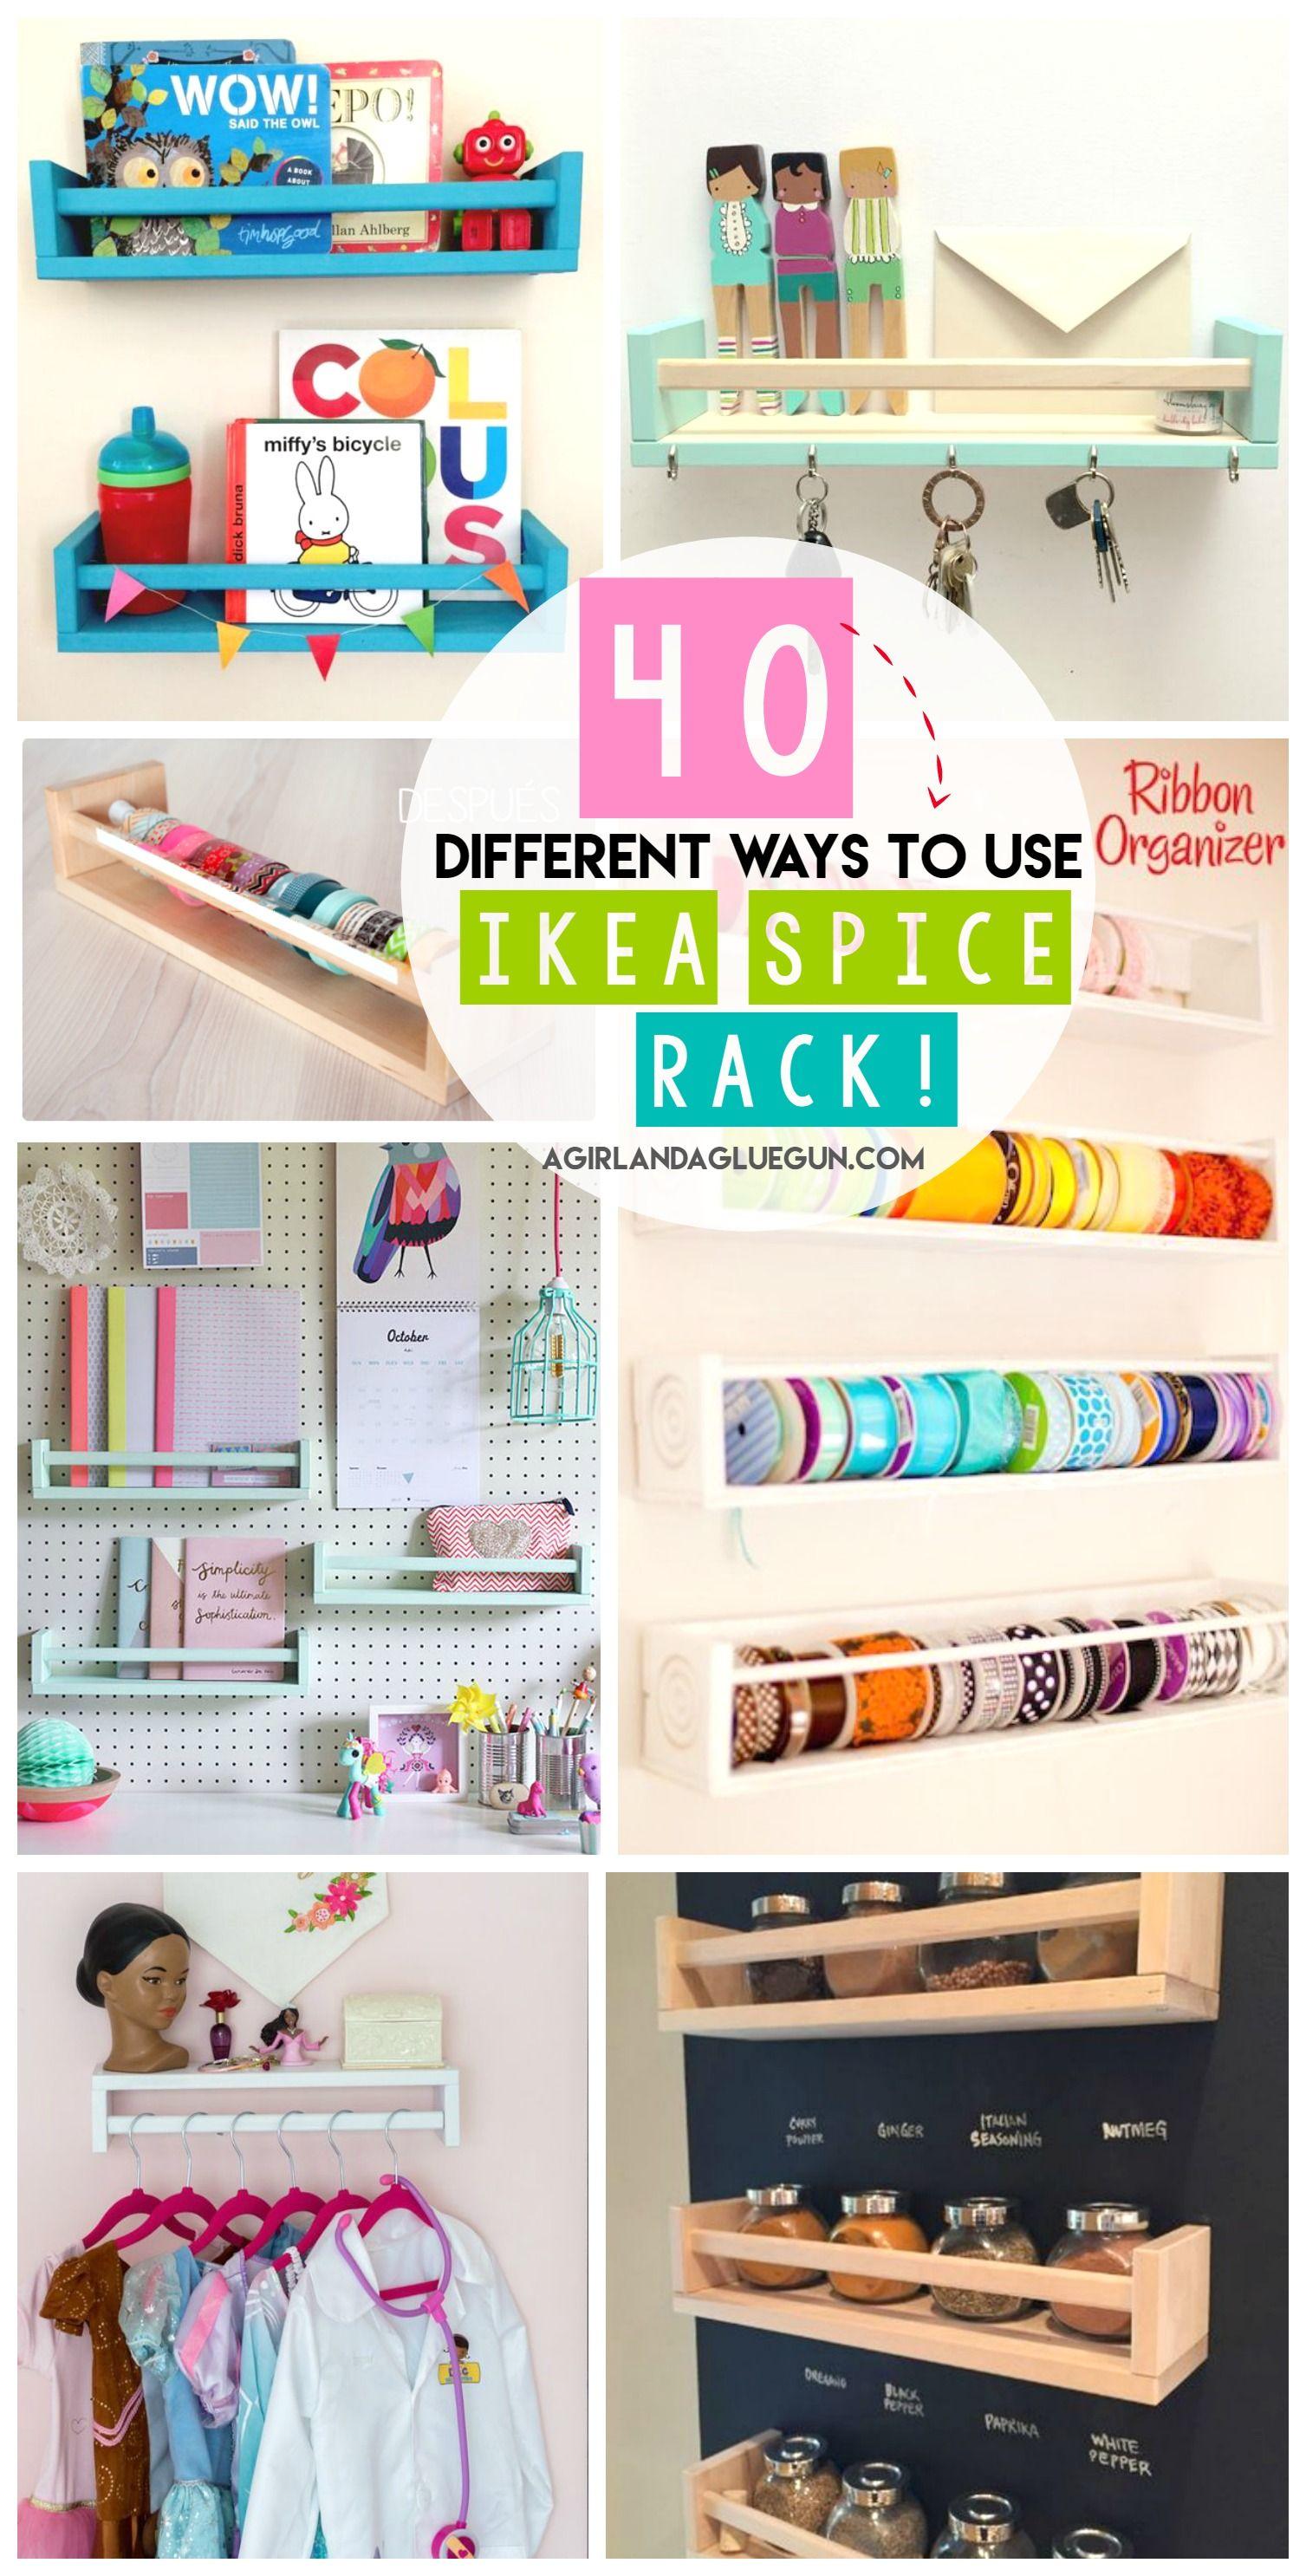 40 ways to organize with an Ikea Spice Rack | Ikea spice ...